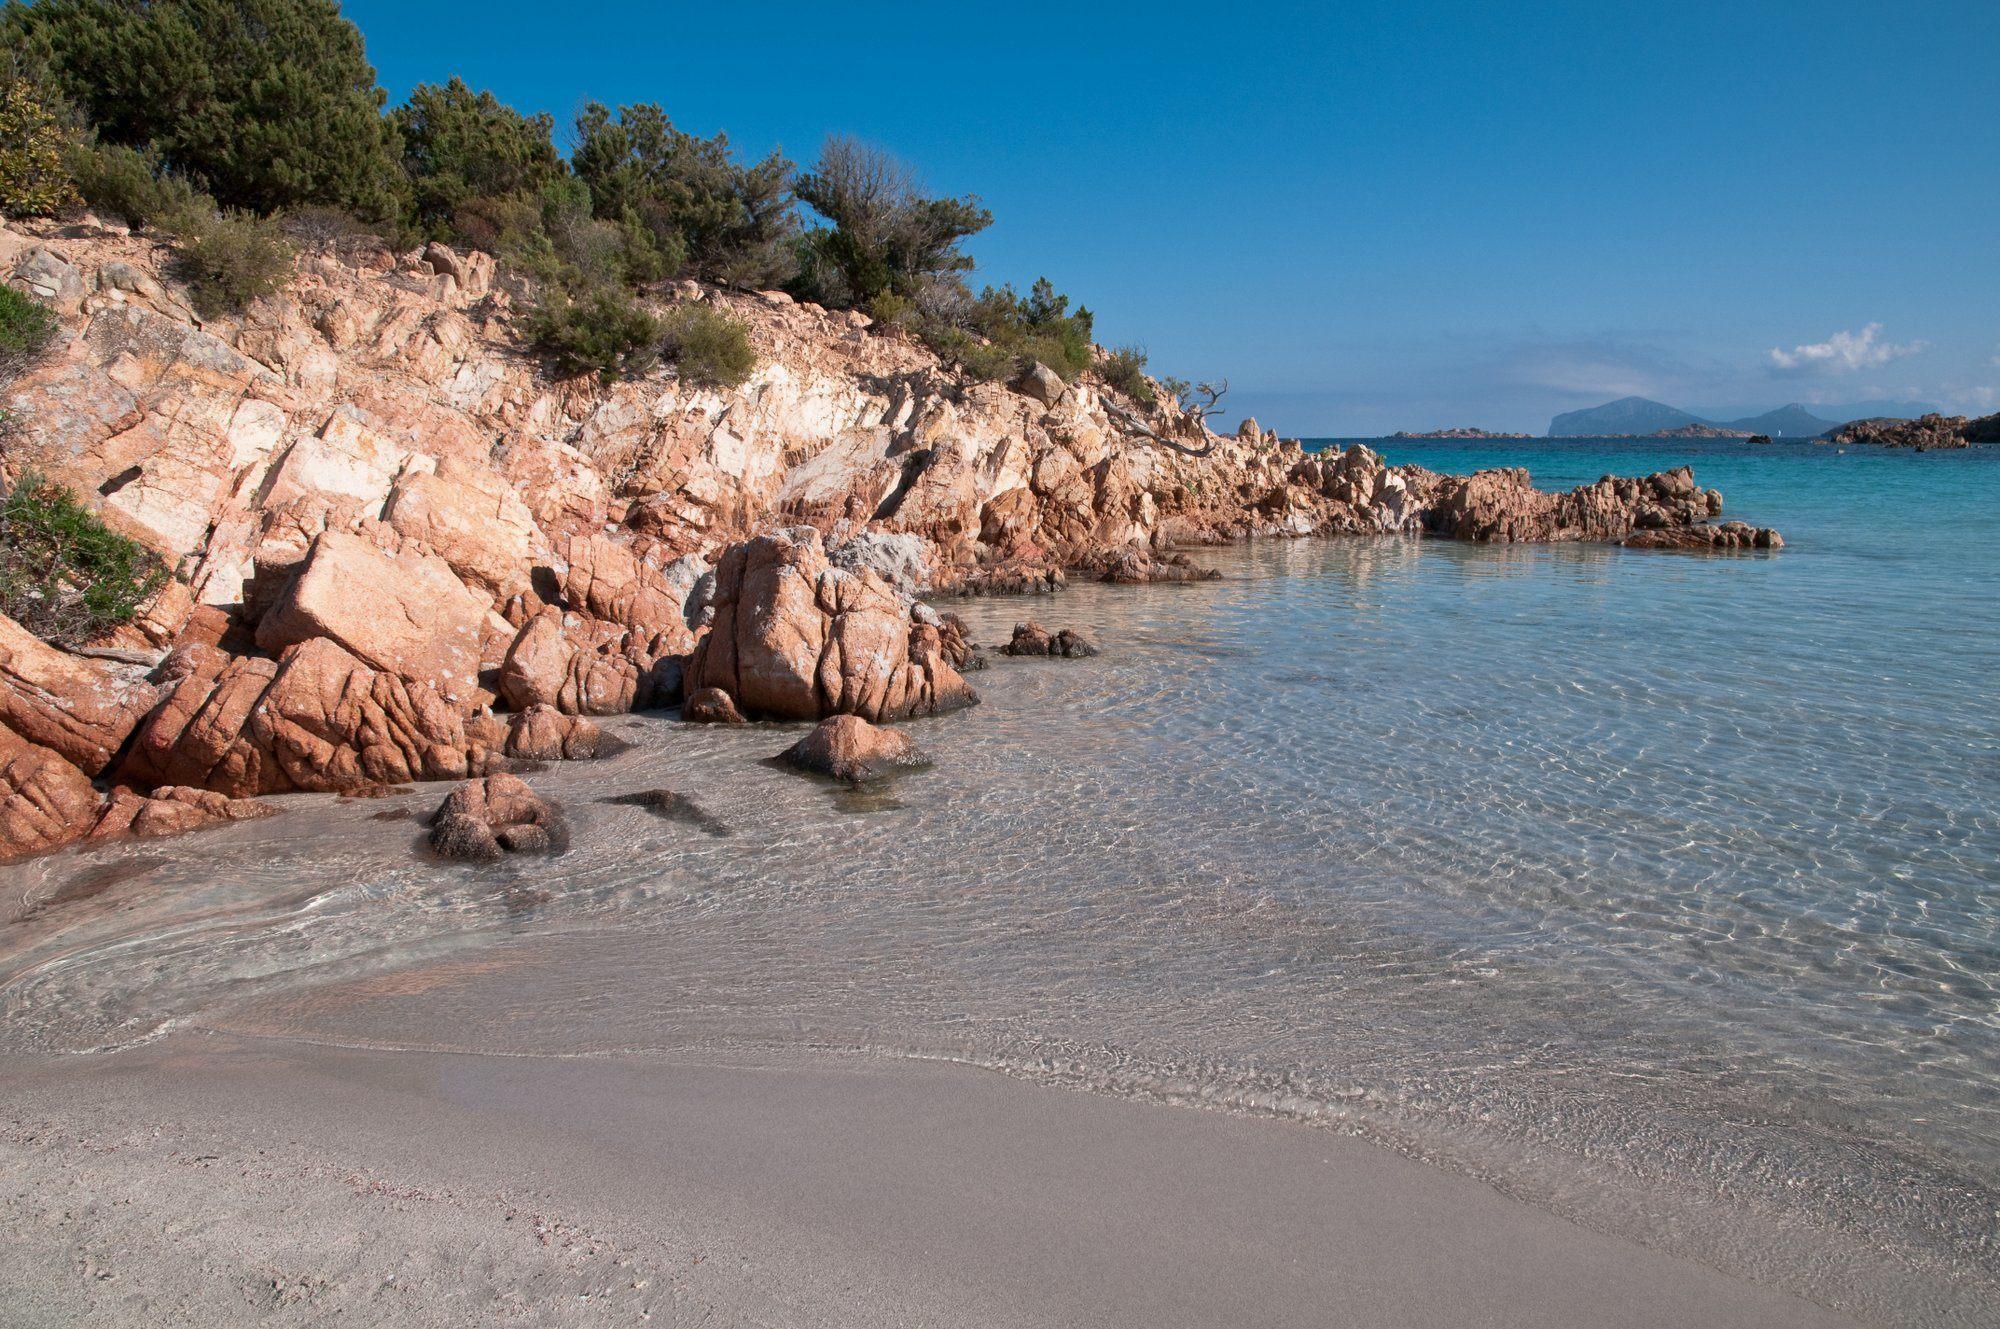 Spiaggia del Principe, Costa Smeralda (OT)